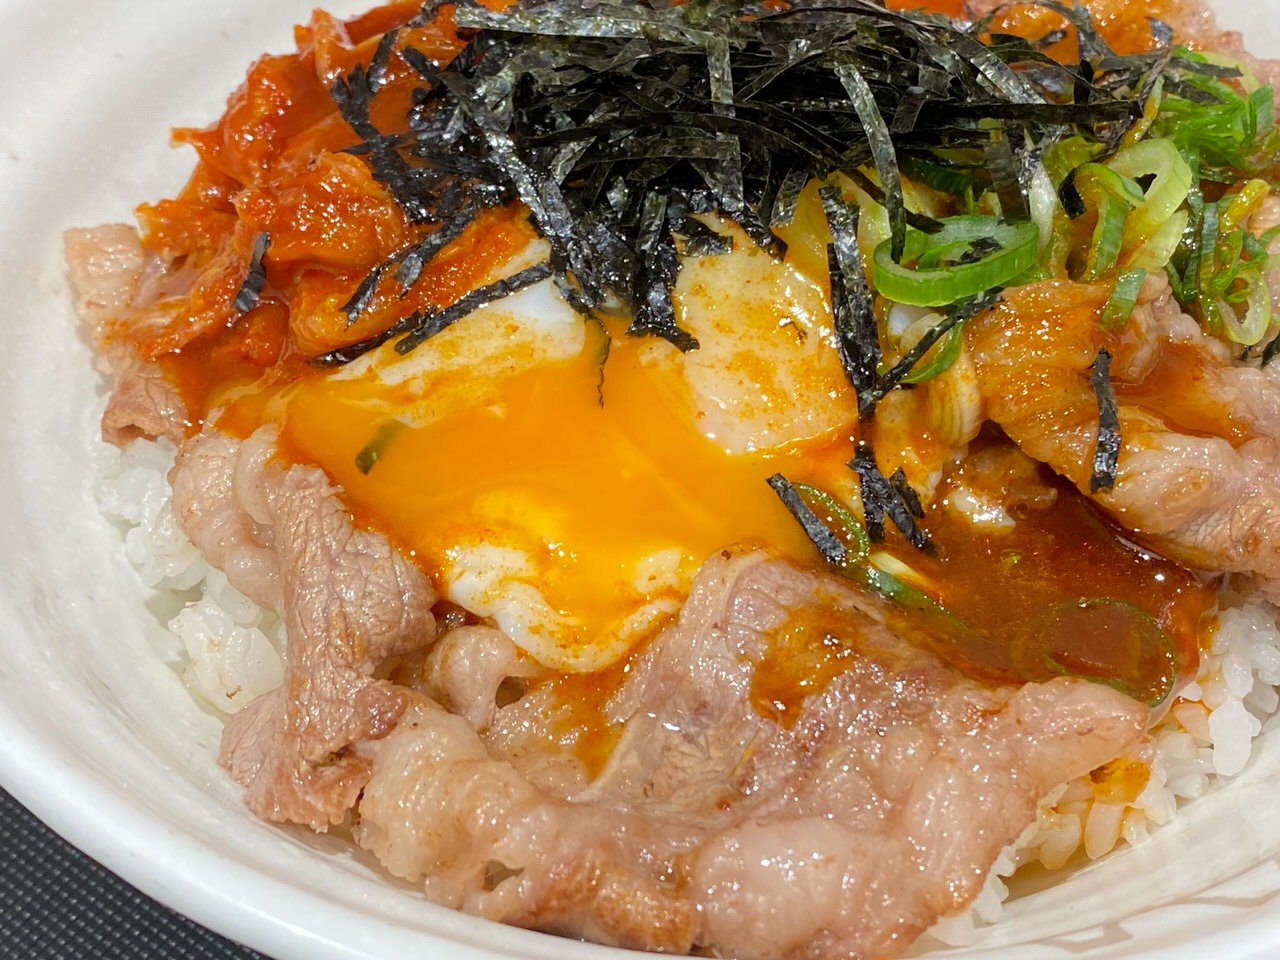 【松屋】定番メニューとなった「旨辛牛焼ビビン丼」を食べてみた 10